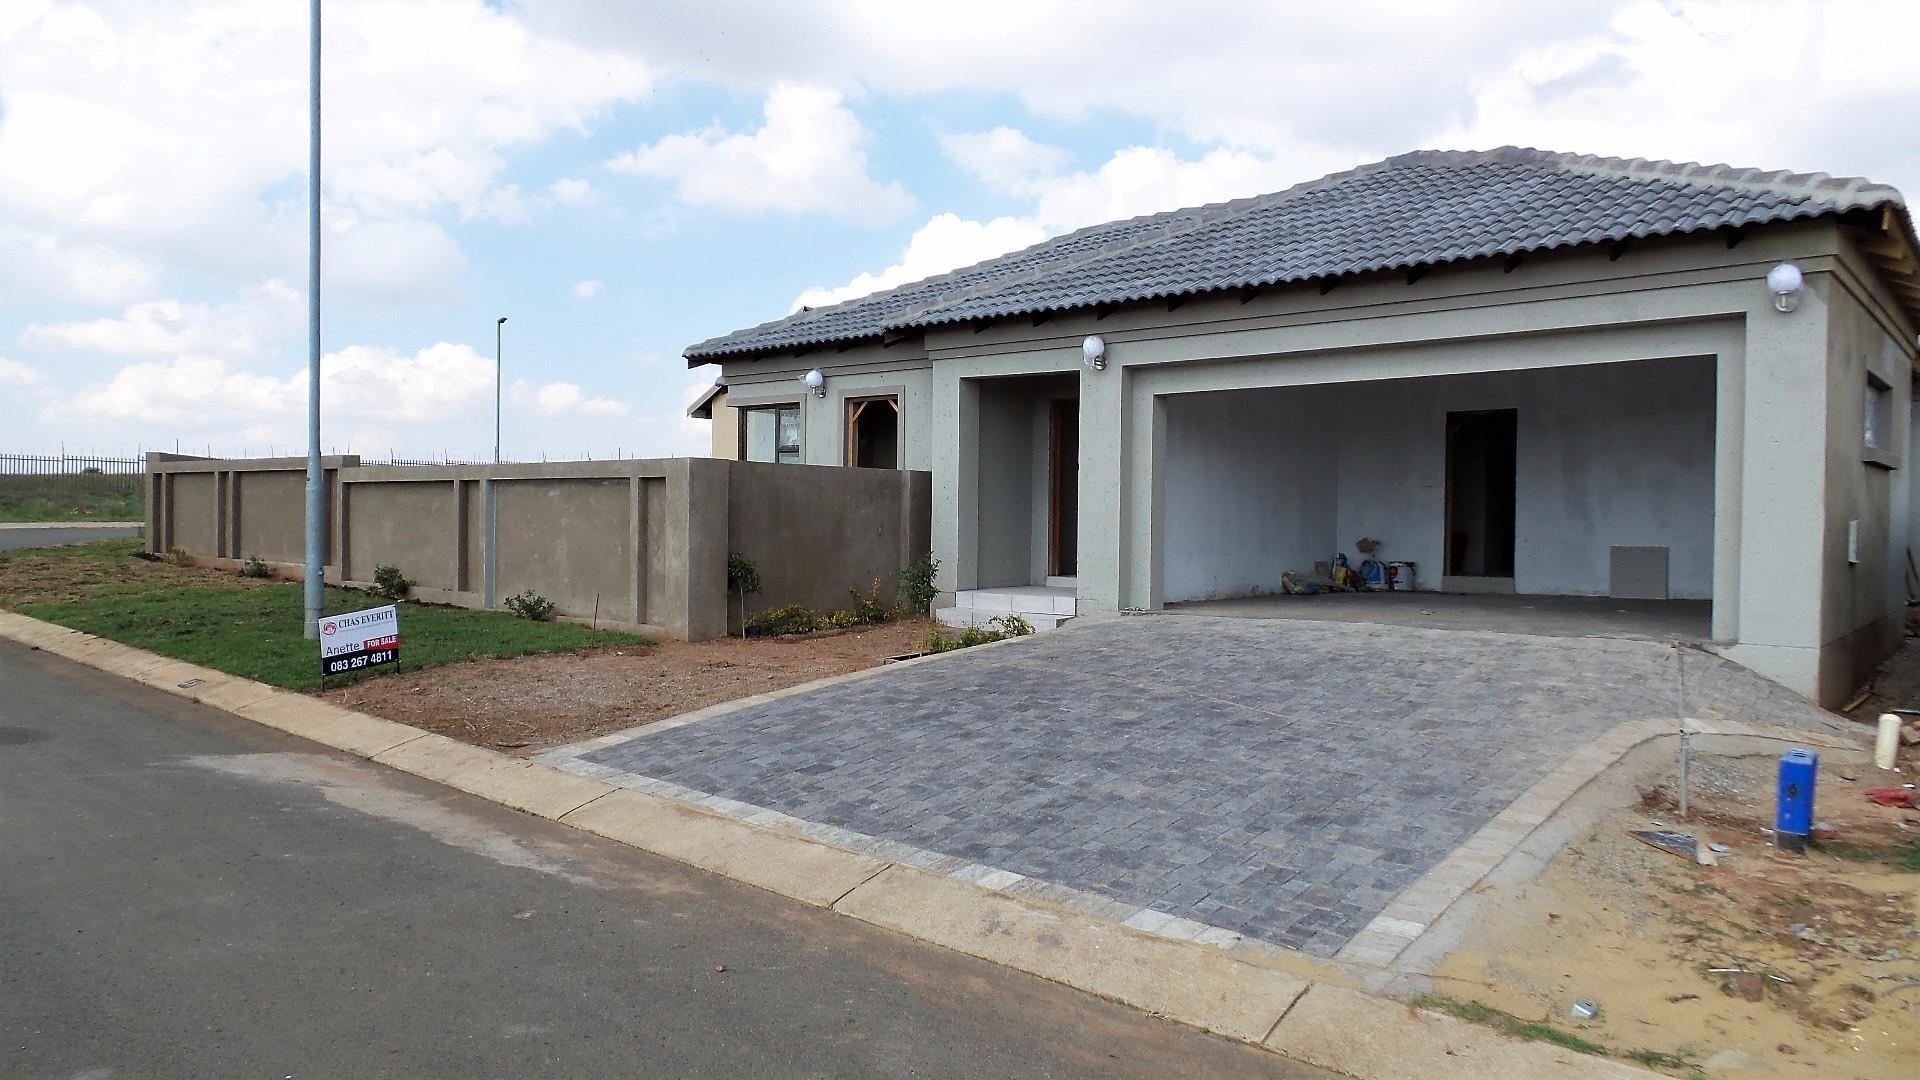 48 Rustenburg, Wildtuin Park, Krugersdorp - ZAF (photo 1)